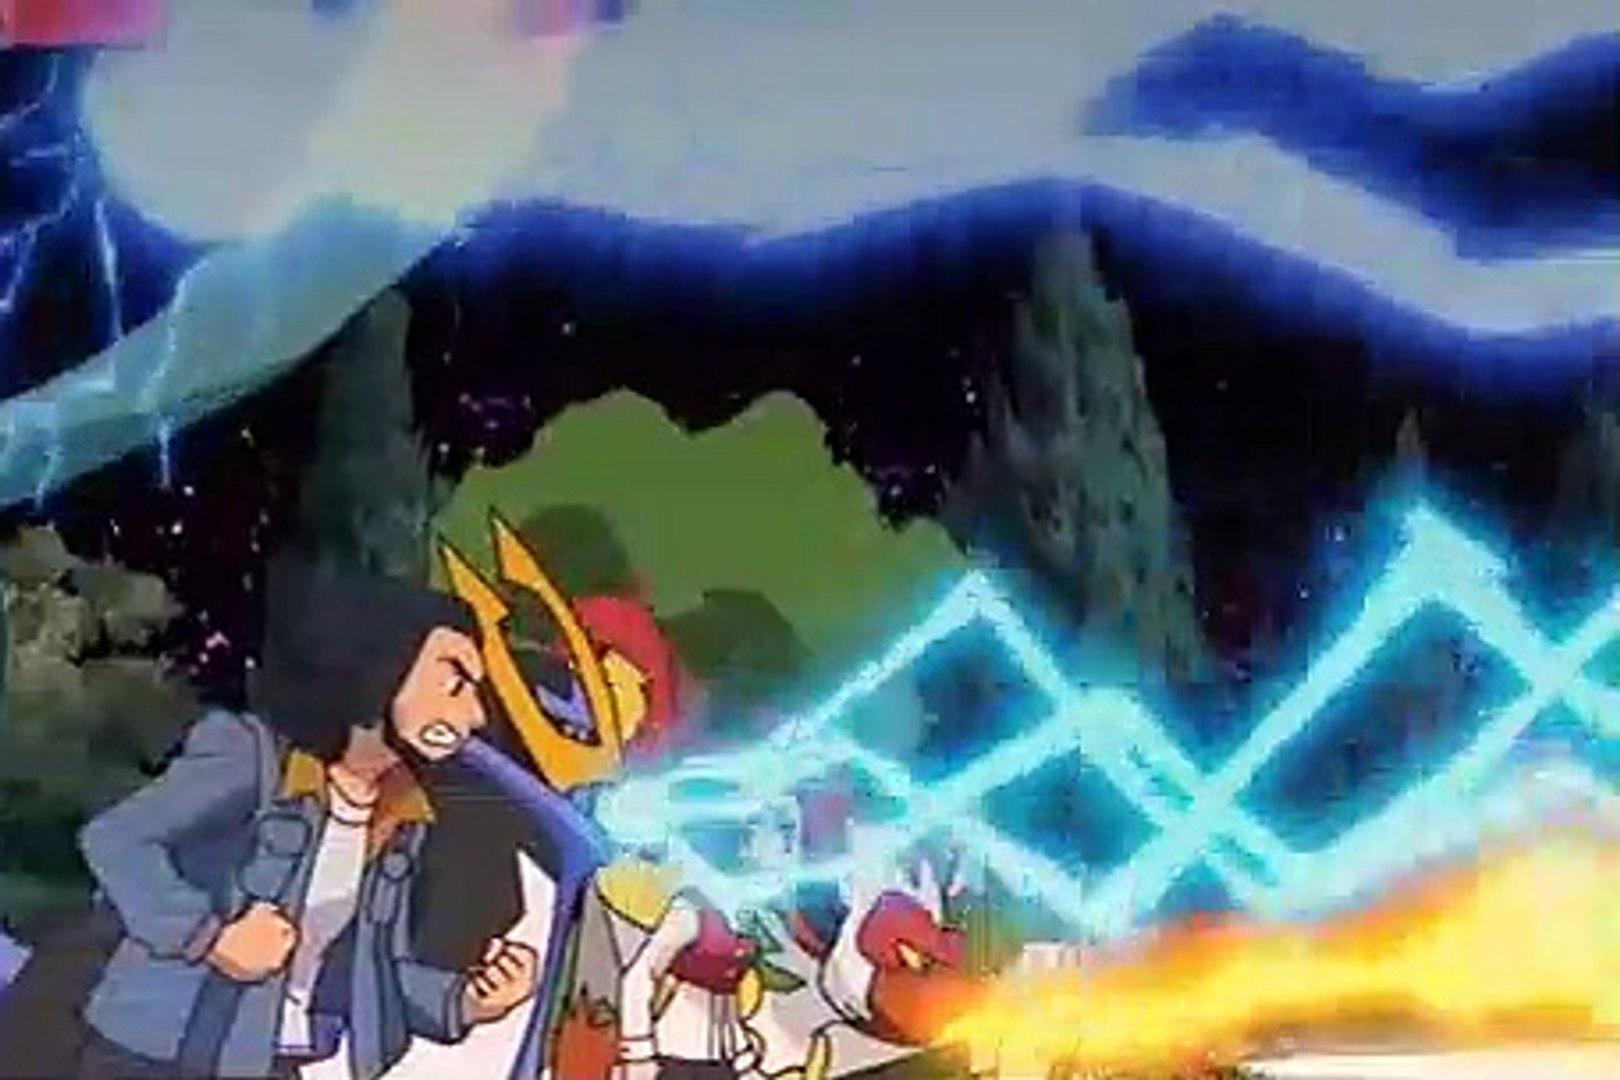 Pokemon S10m01 The Rise Of Darkrai Japanese Credits 2007 360p Re Dvdrip Part 2 2 Video Dailymotion